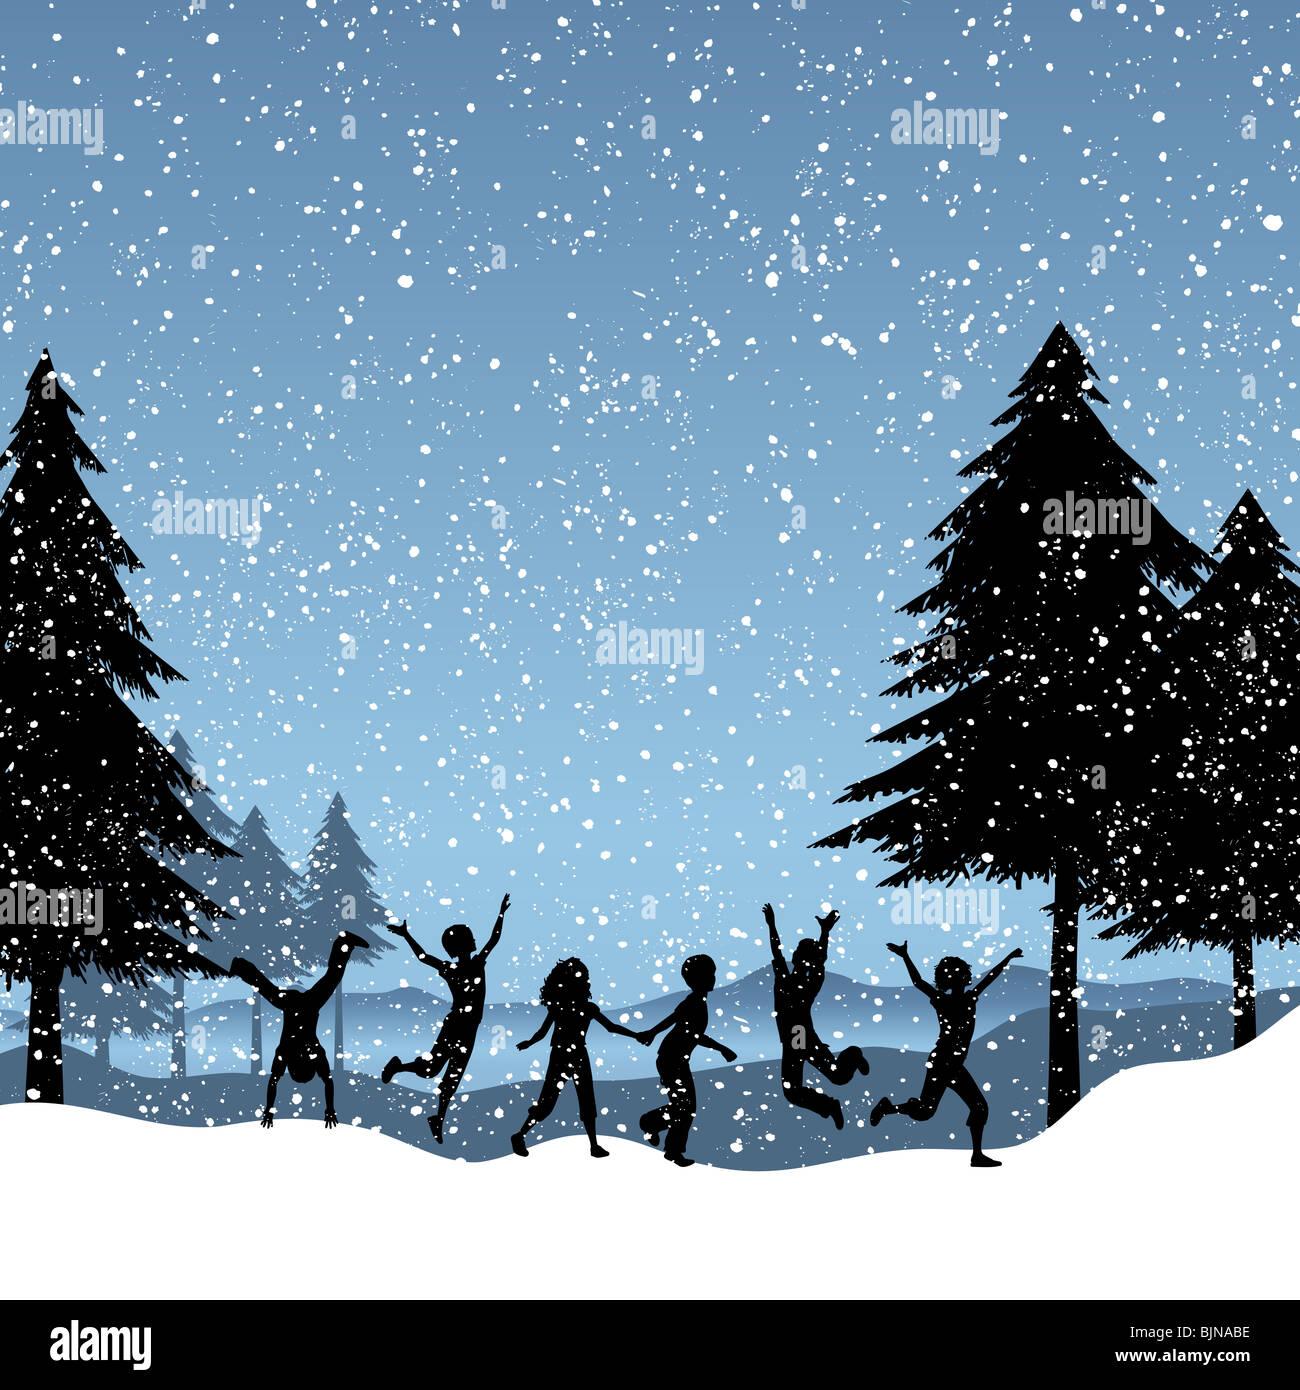 Las siluetas de los niños jugando en la nieve. Imagen De Stock